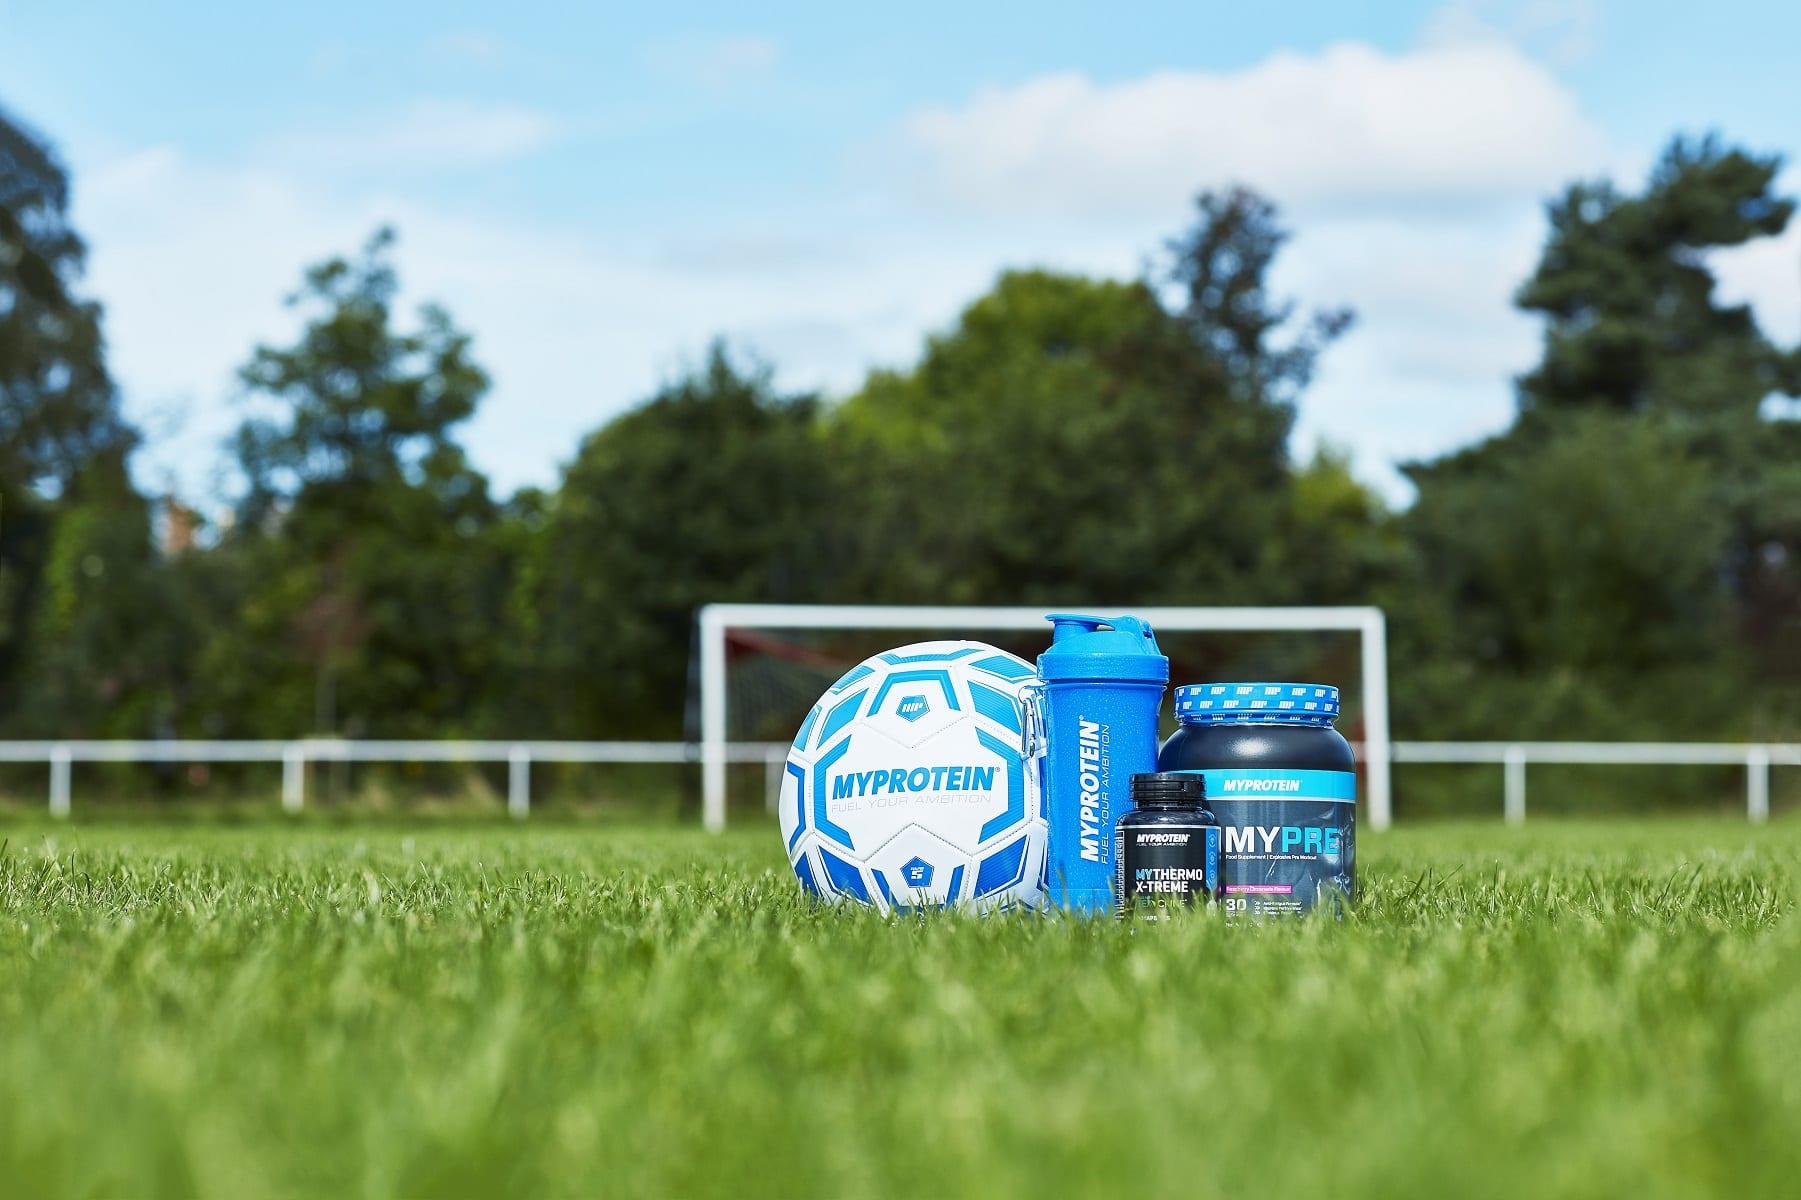 Fußball Zubehör und Supplemente von Myprotein